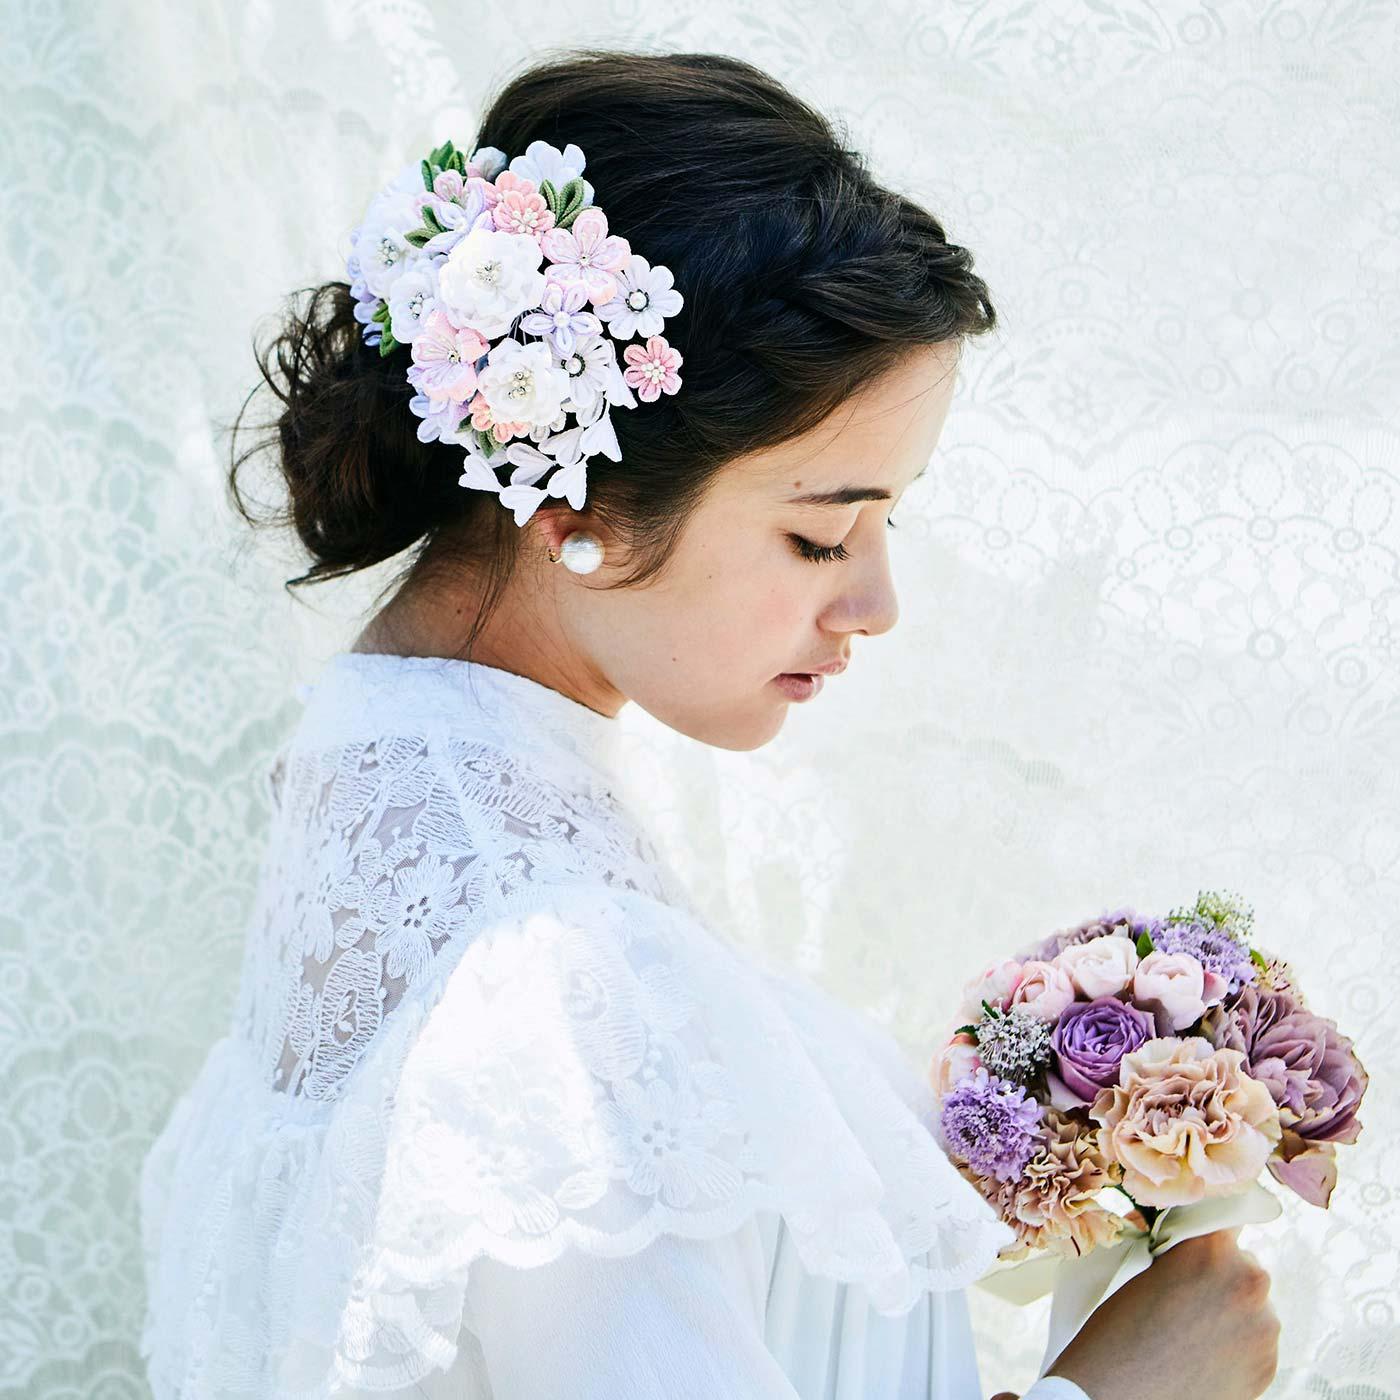 ウエディングやパーティーシーンなど、洋装のドレスアップに(写真は純白を着用しています)。